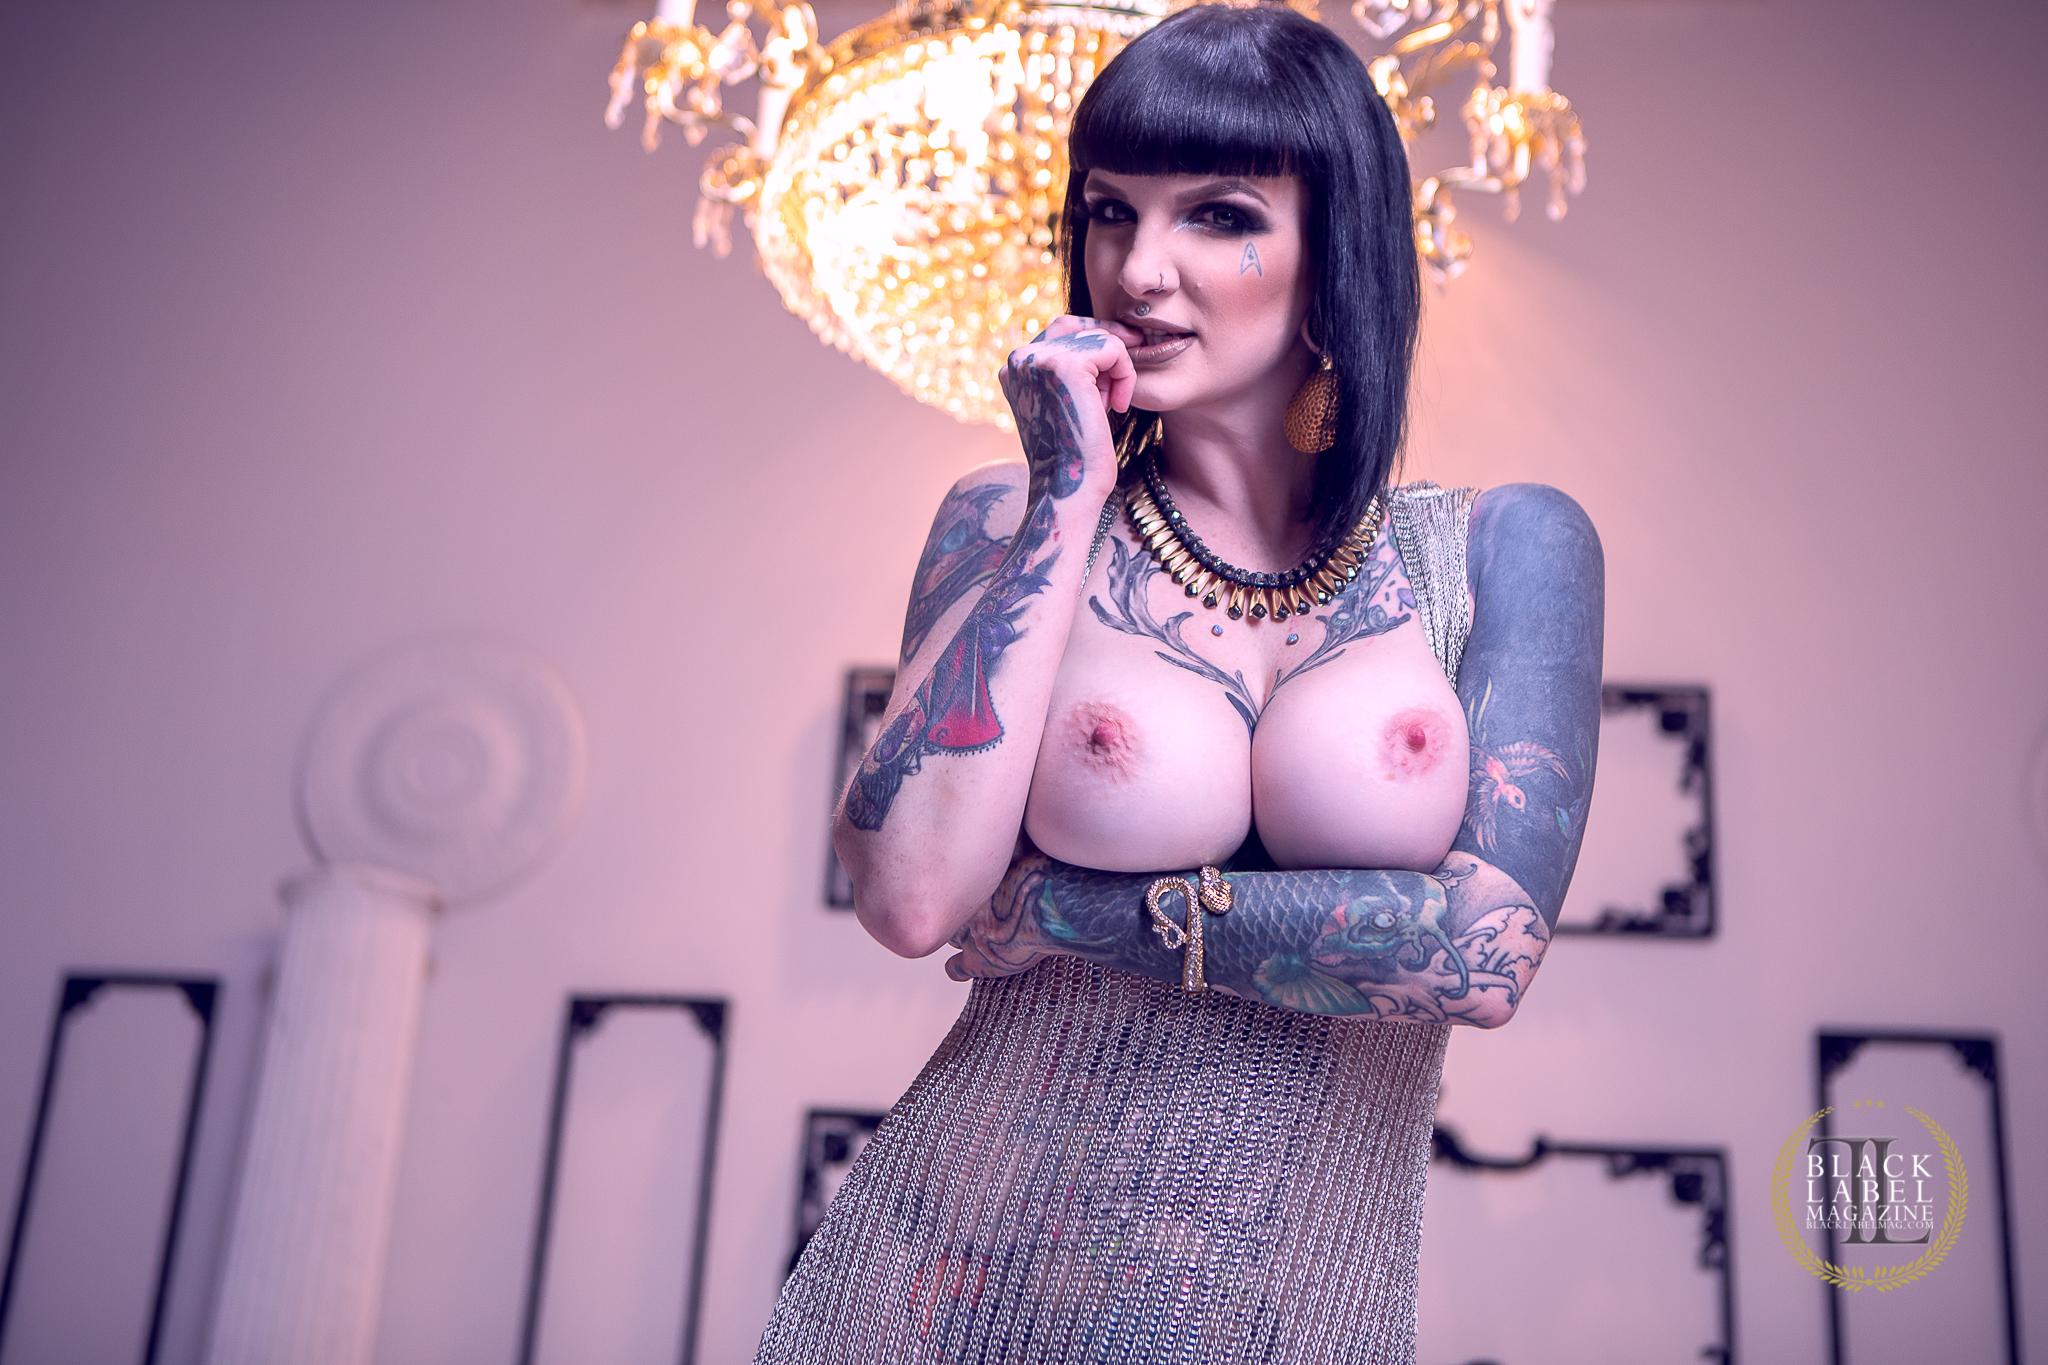 Inked girls nude, Keighla Night, inked xxx, tattooed girls nude, tattooed girls masturbating, big tits, big boobs